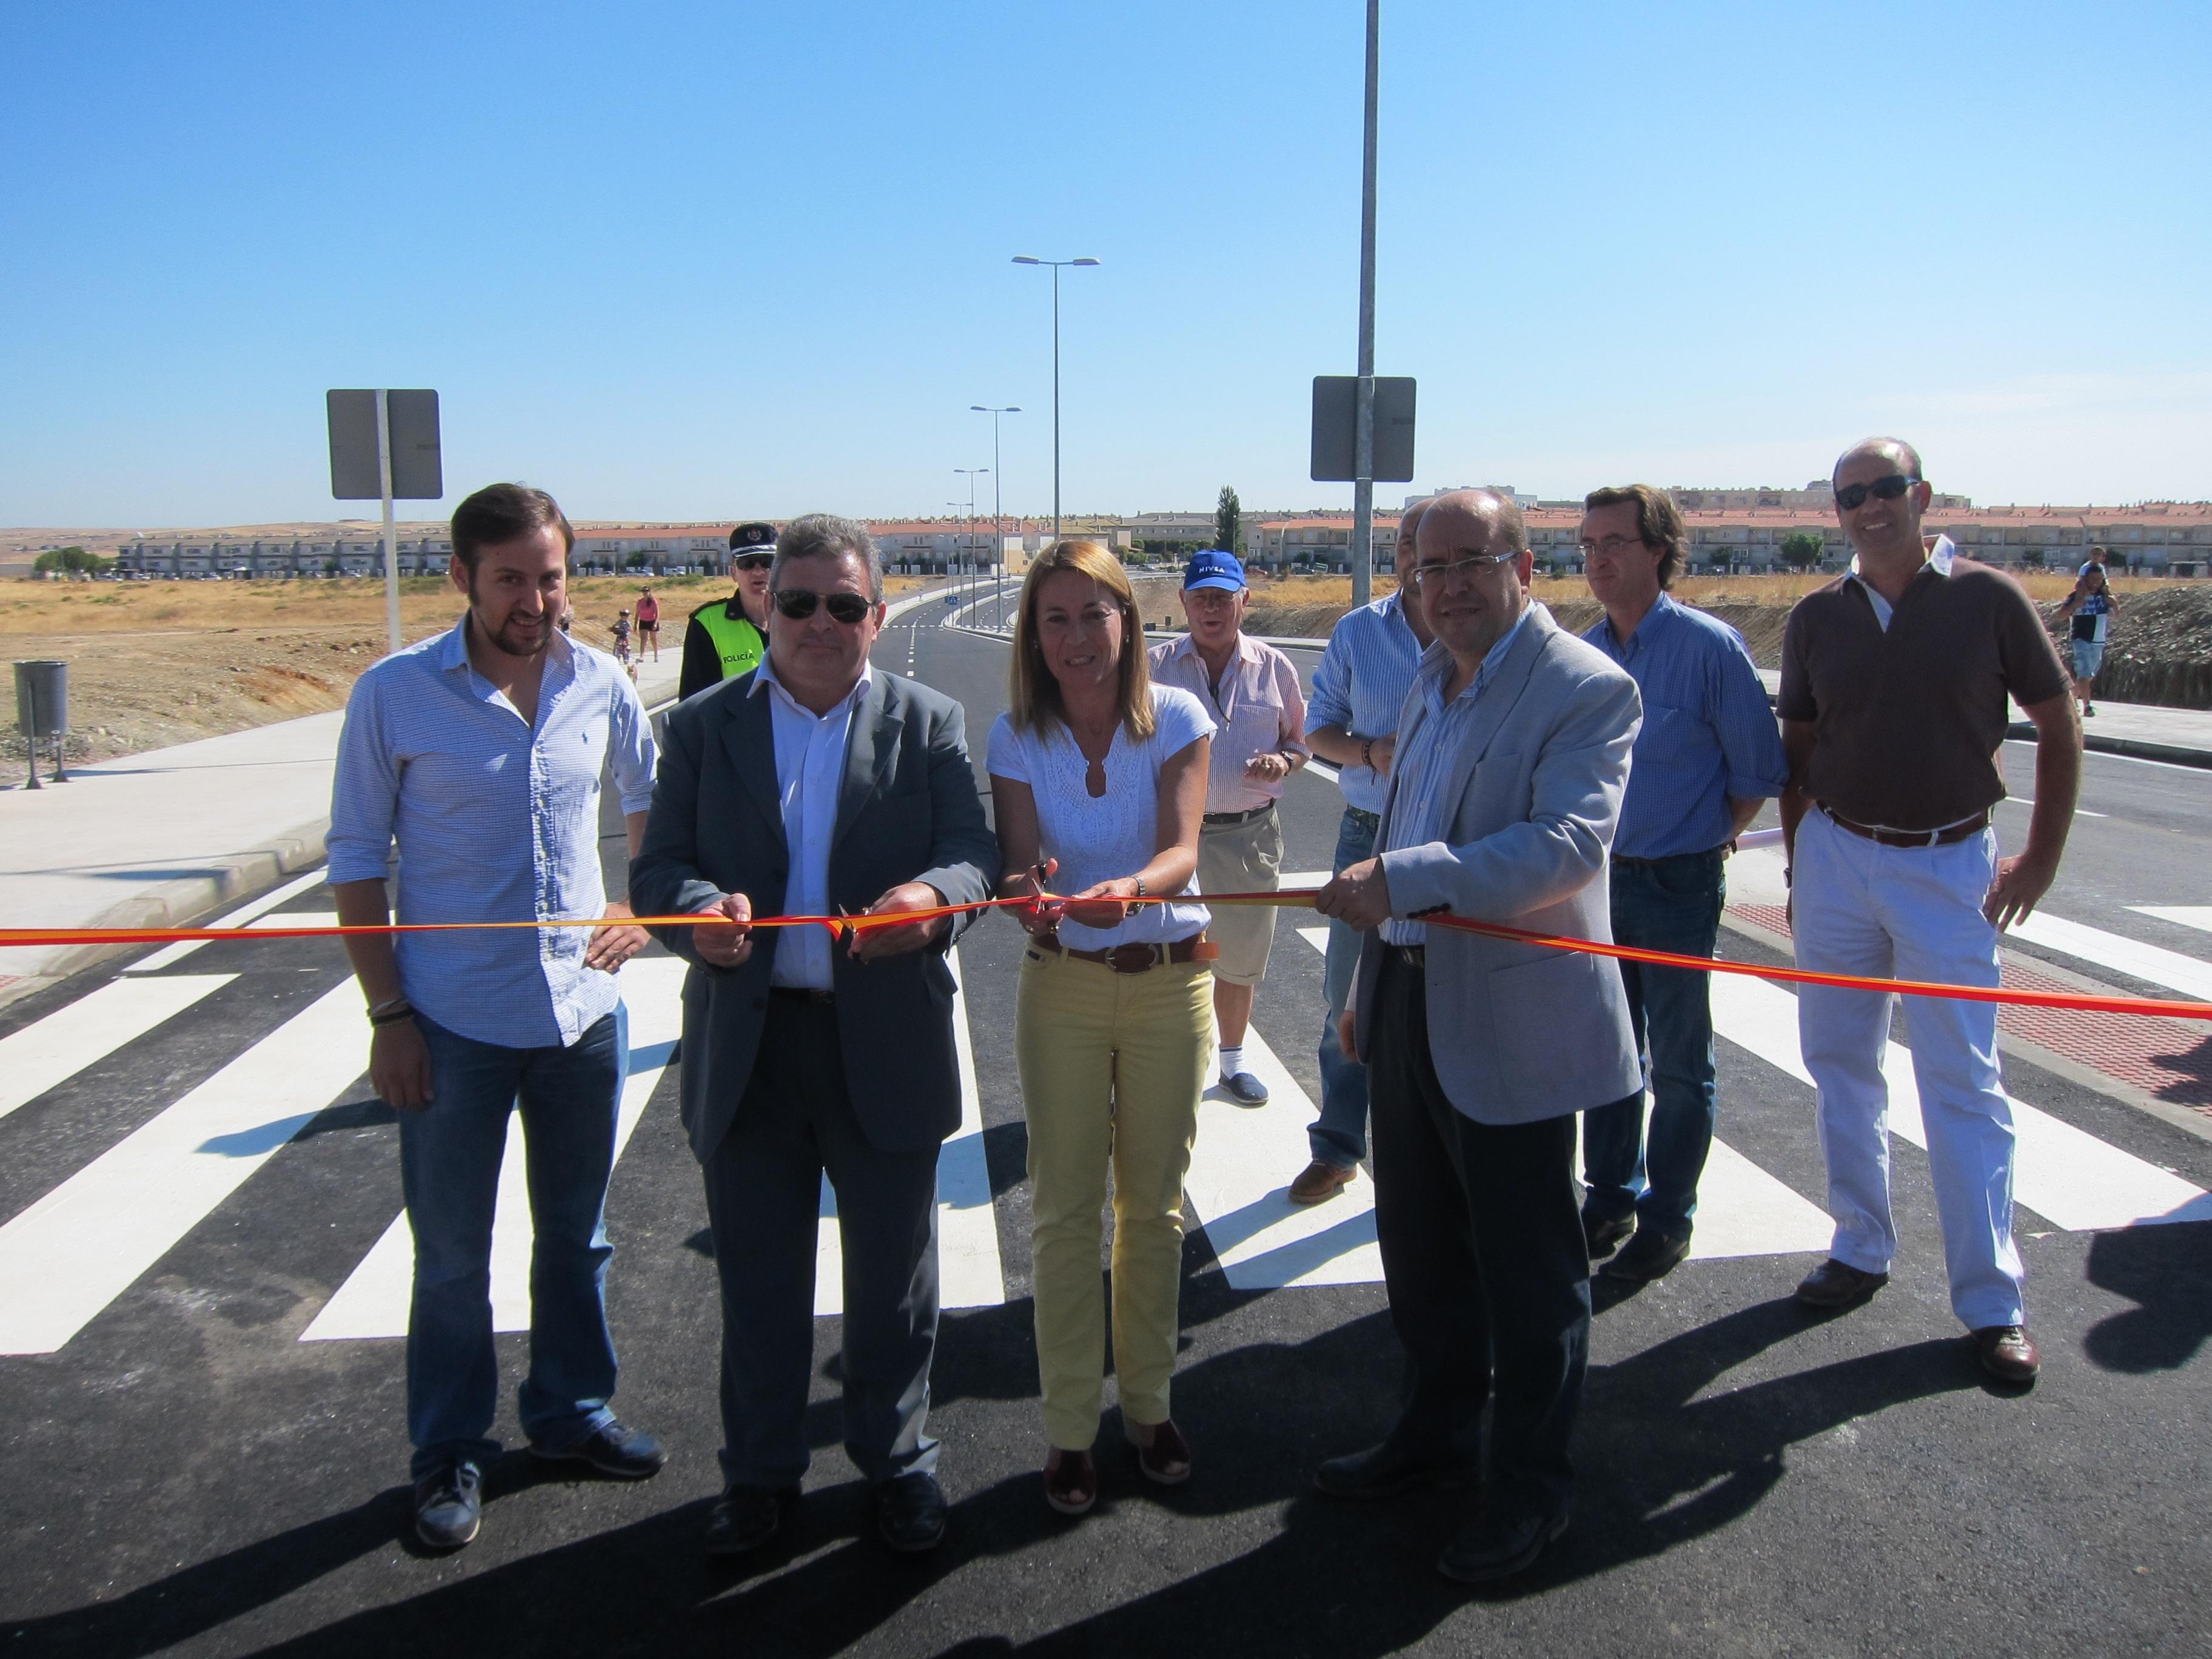 Los vecinos de Cáceres el Viejo ya pueden utilizar el nuevo vial de acceso al barrio más rápido y seguro